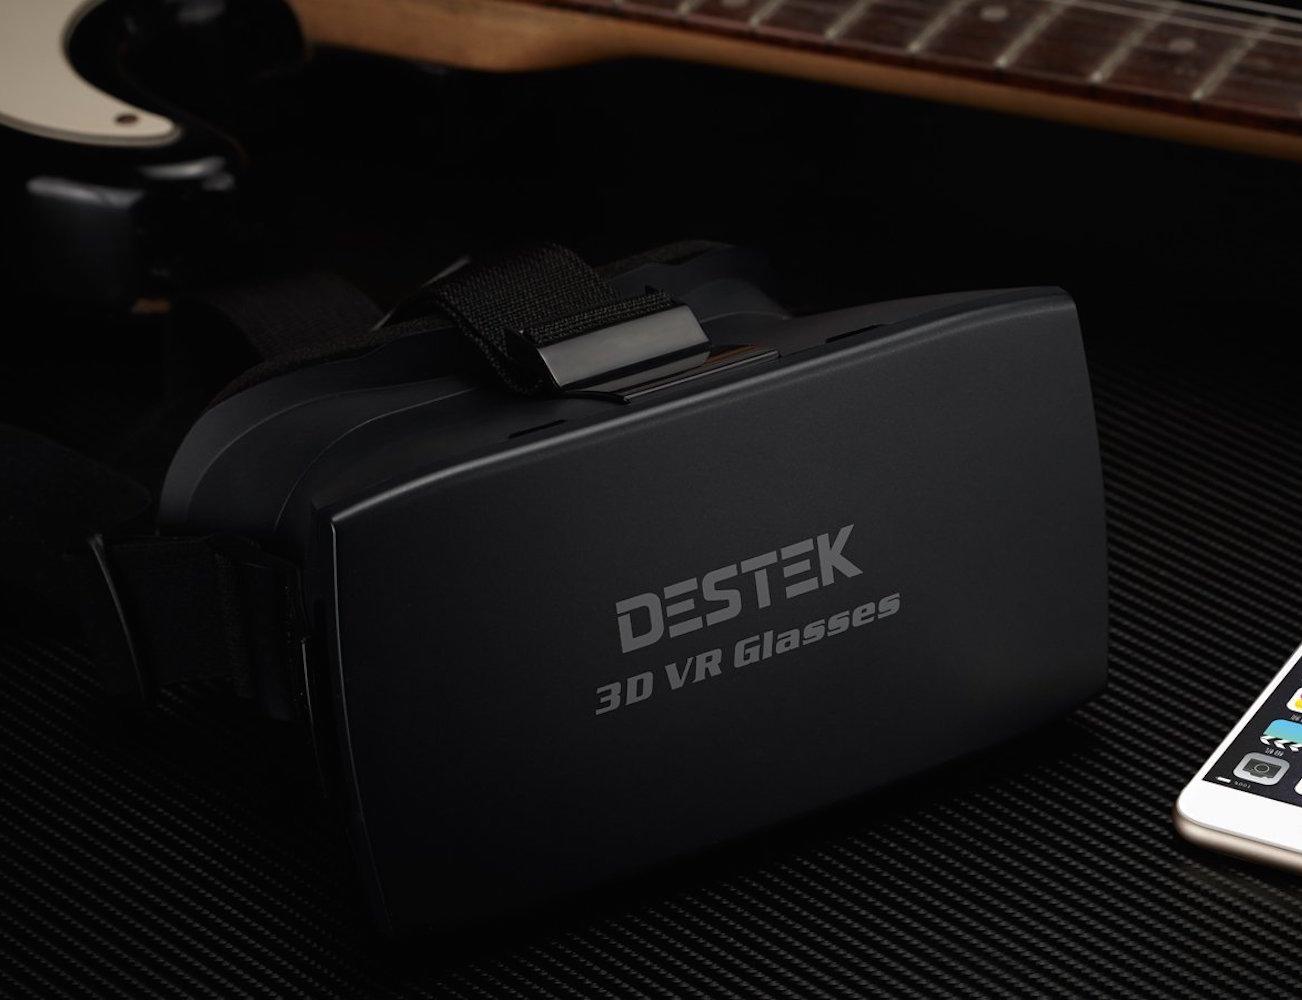 3d vr virtual reality headset by destek gadget flow. Black Bedroom Furniture Sets. Home Design Ideas